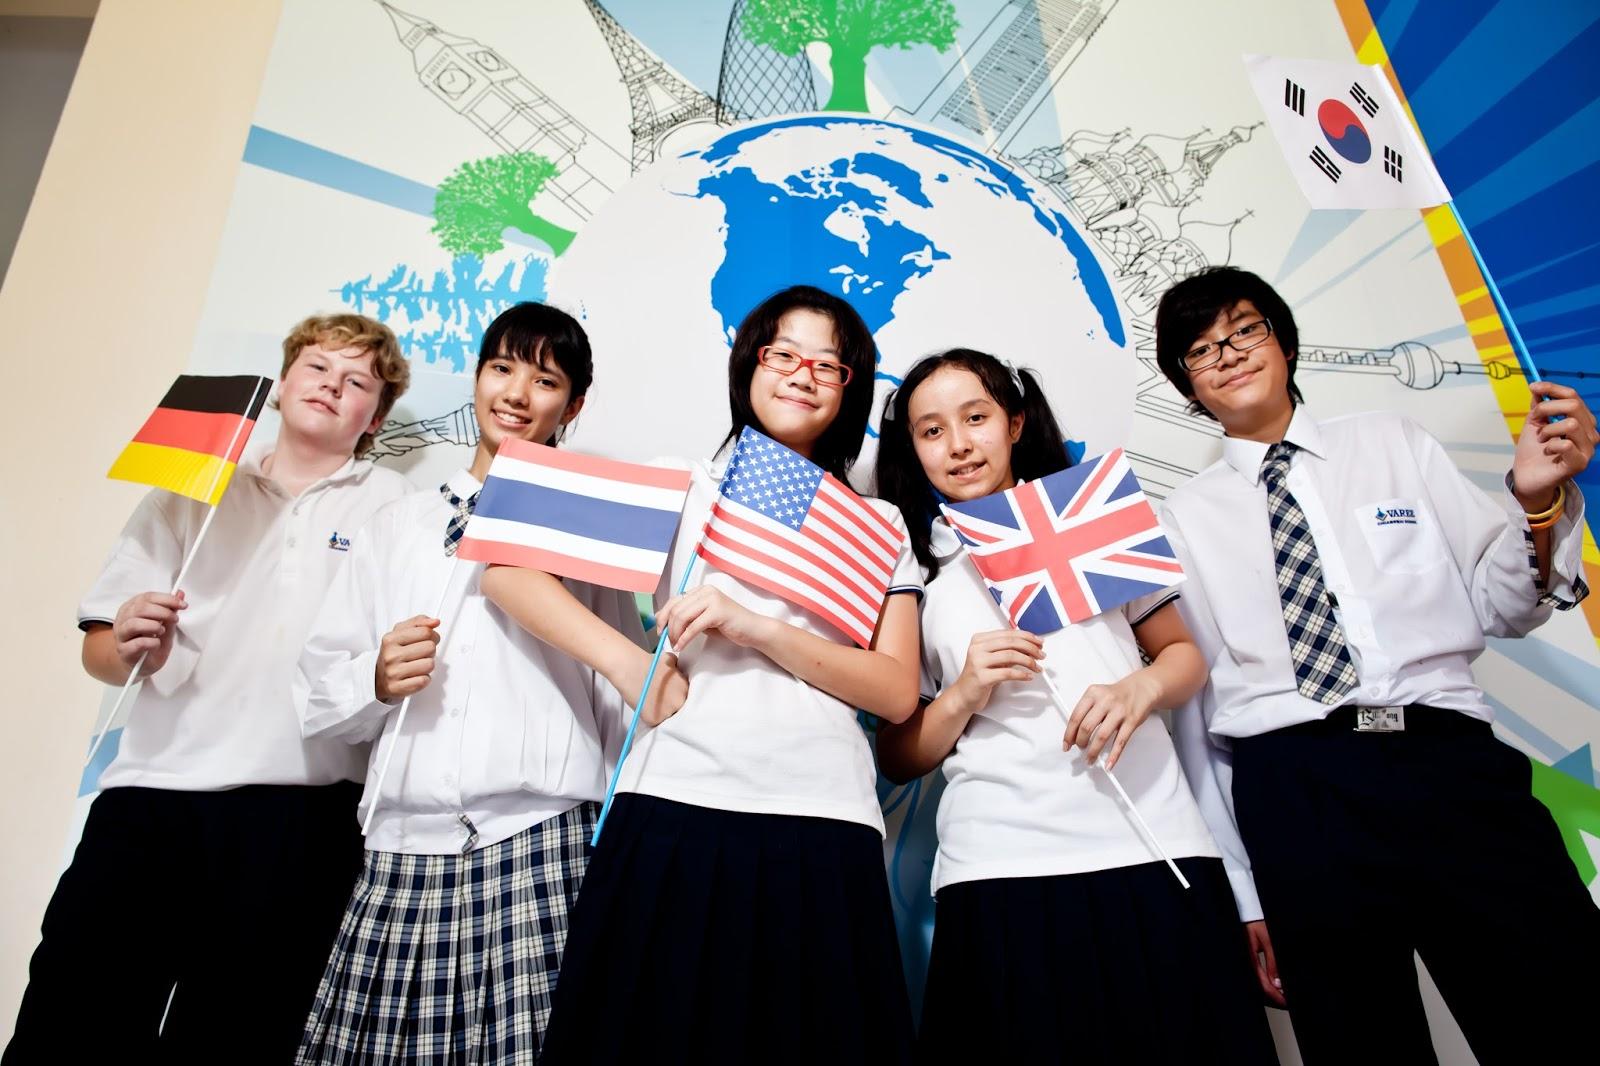 образование в другой стране